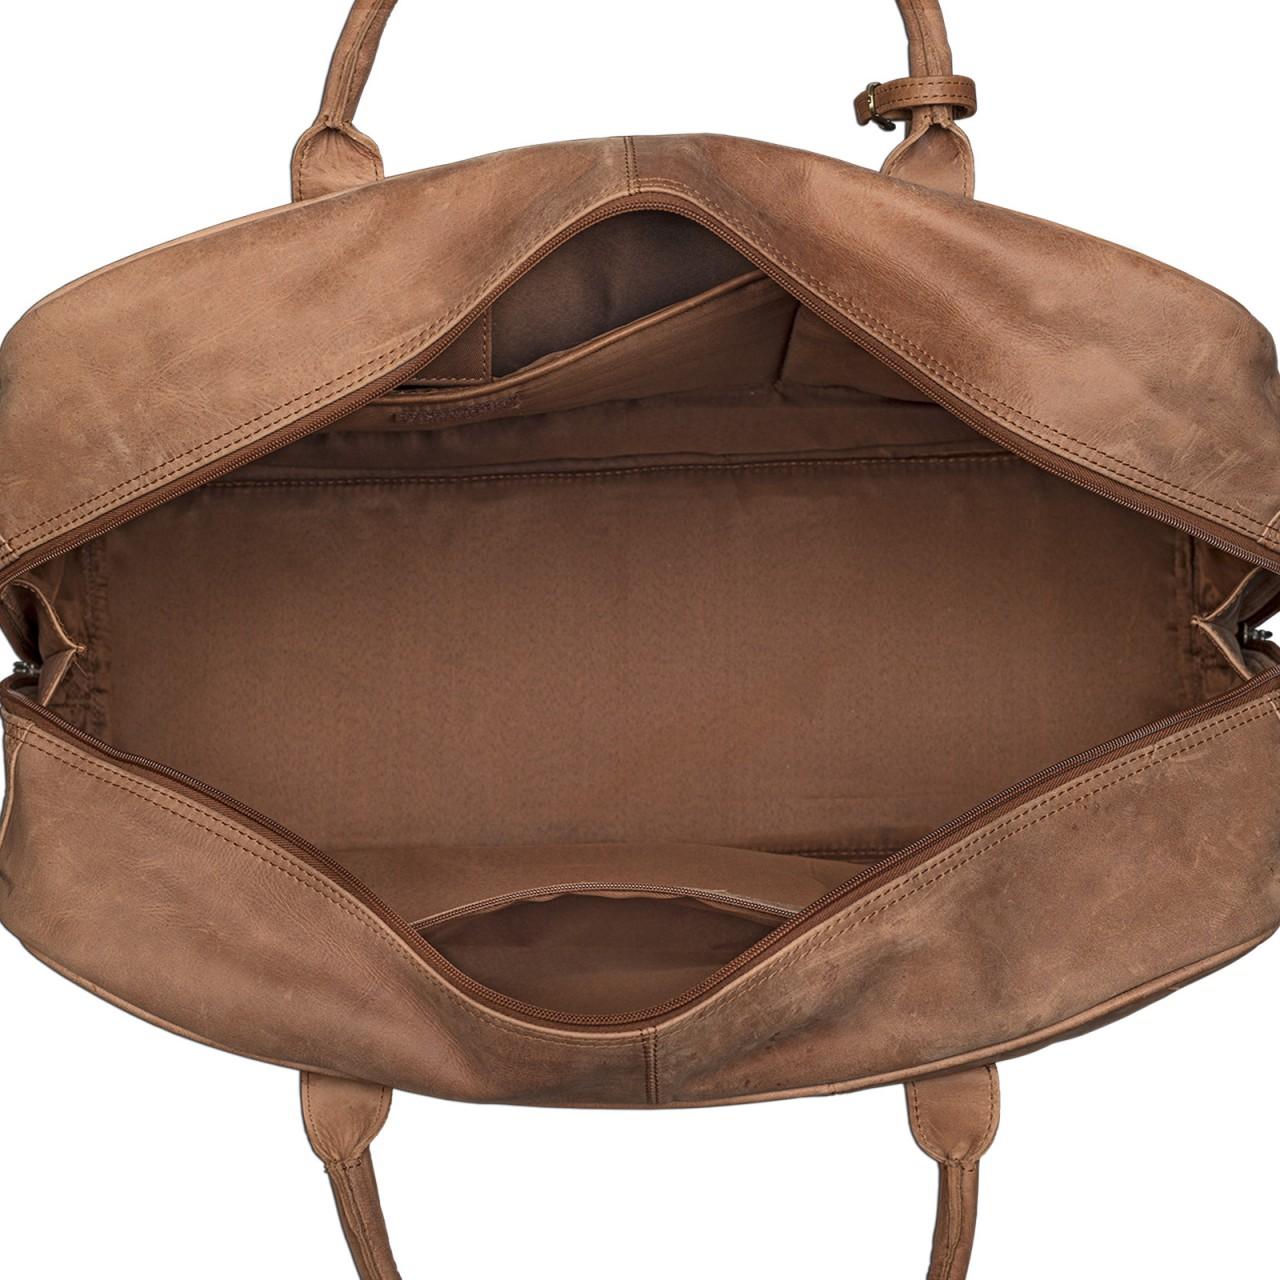 STILORD Vintage Reisetasche XXL groß Leder Weekend Bag Urlaub Retro Sporttasche Ledertasche mit 10.1 Zoll Tabletfach aus echtem Büffel-Leder braun - Bild 7